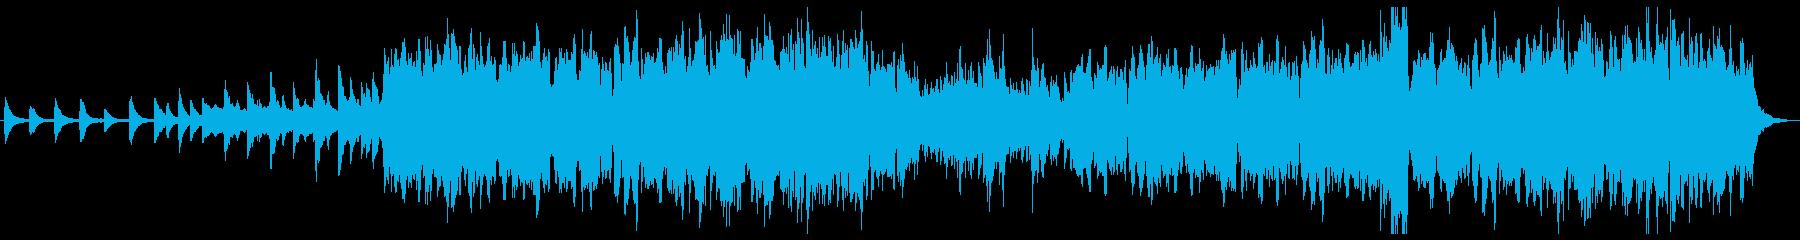 ケルト 幻想的なピアノとローホイッスルの再生済みの波形